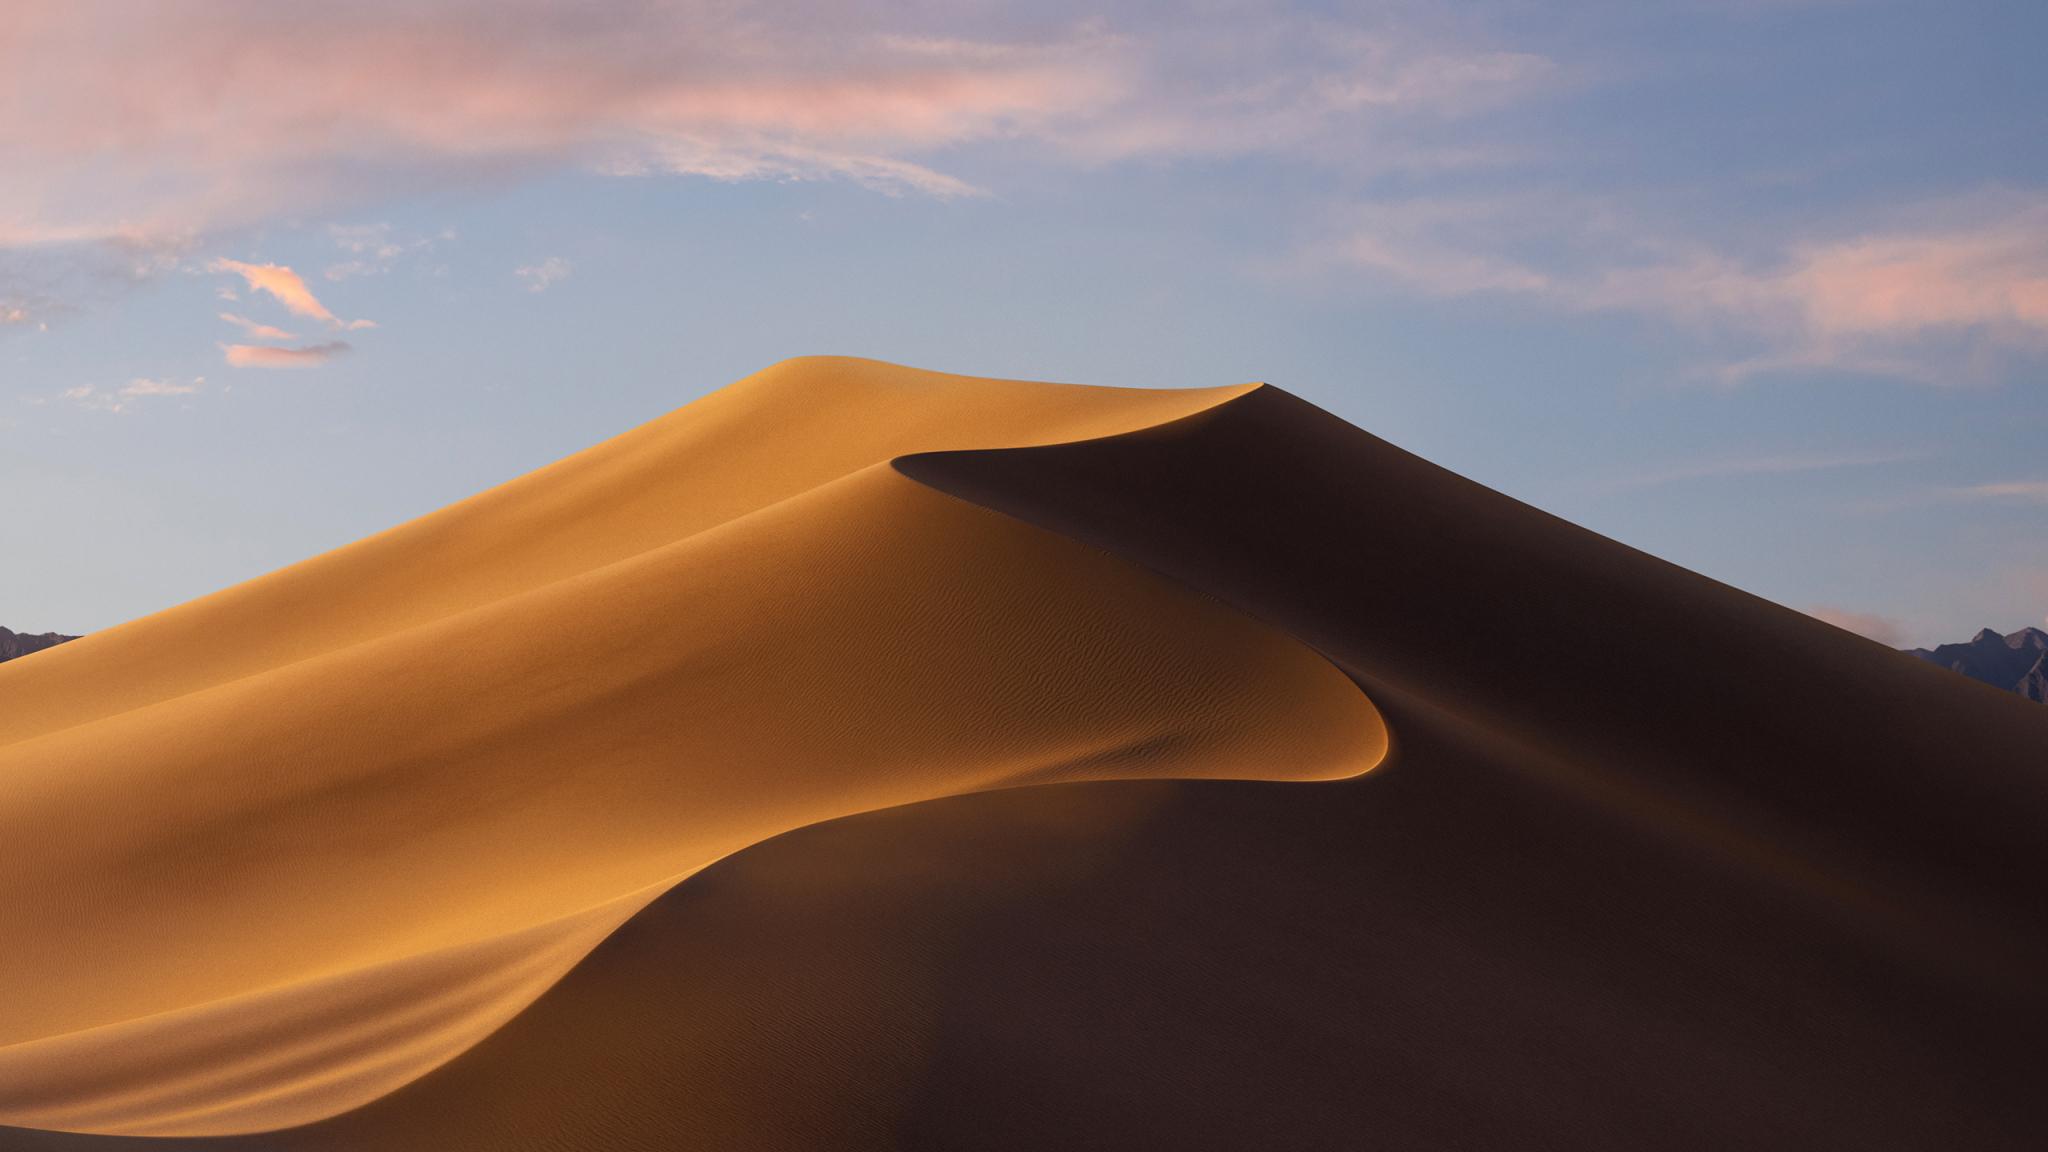 Mojave Day Desert Macos Hd 4k Wallpaper